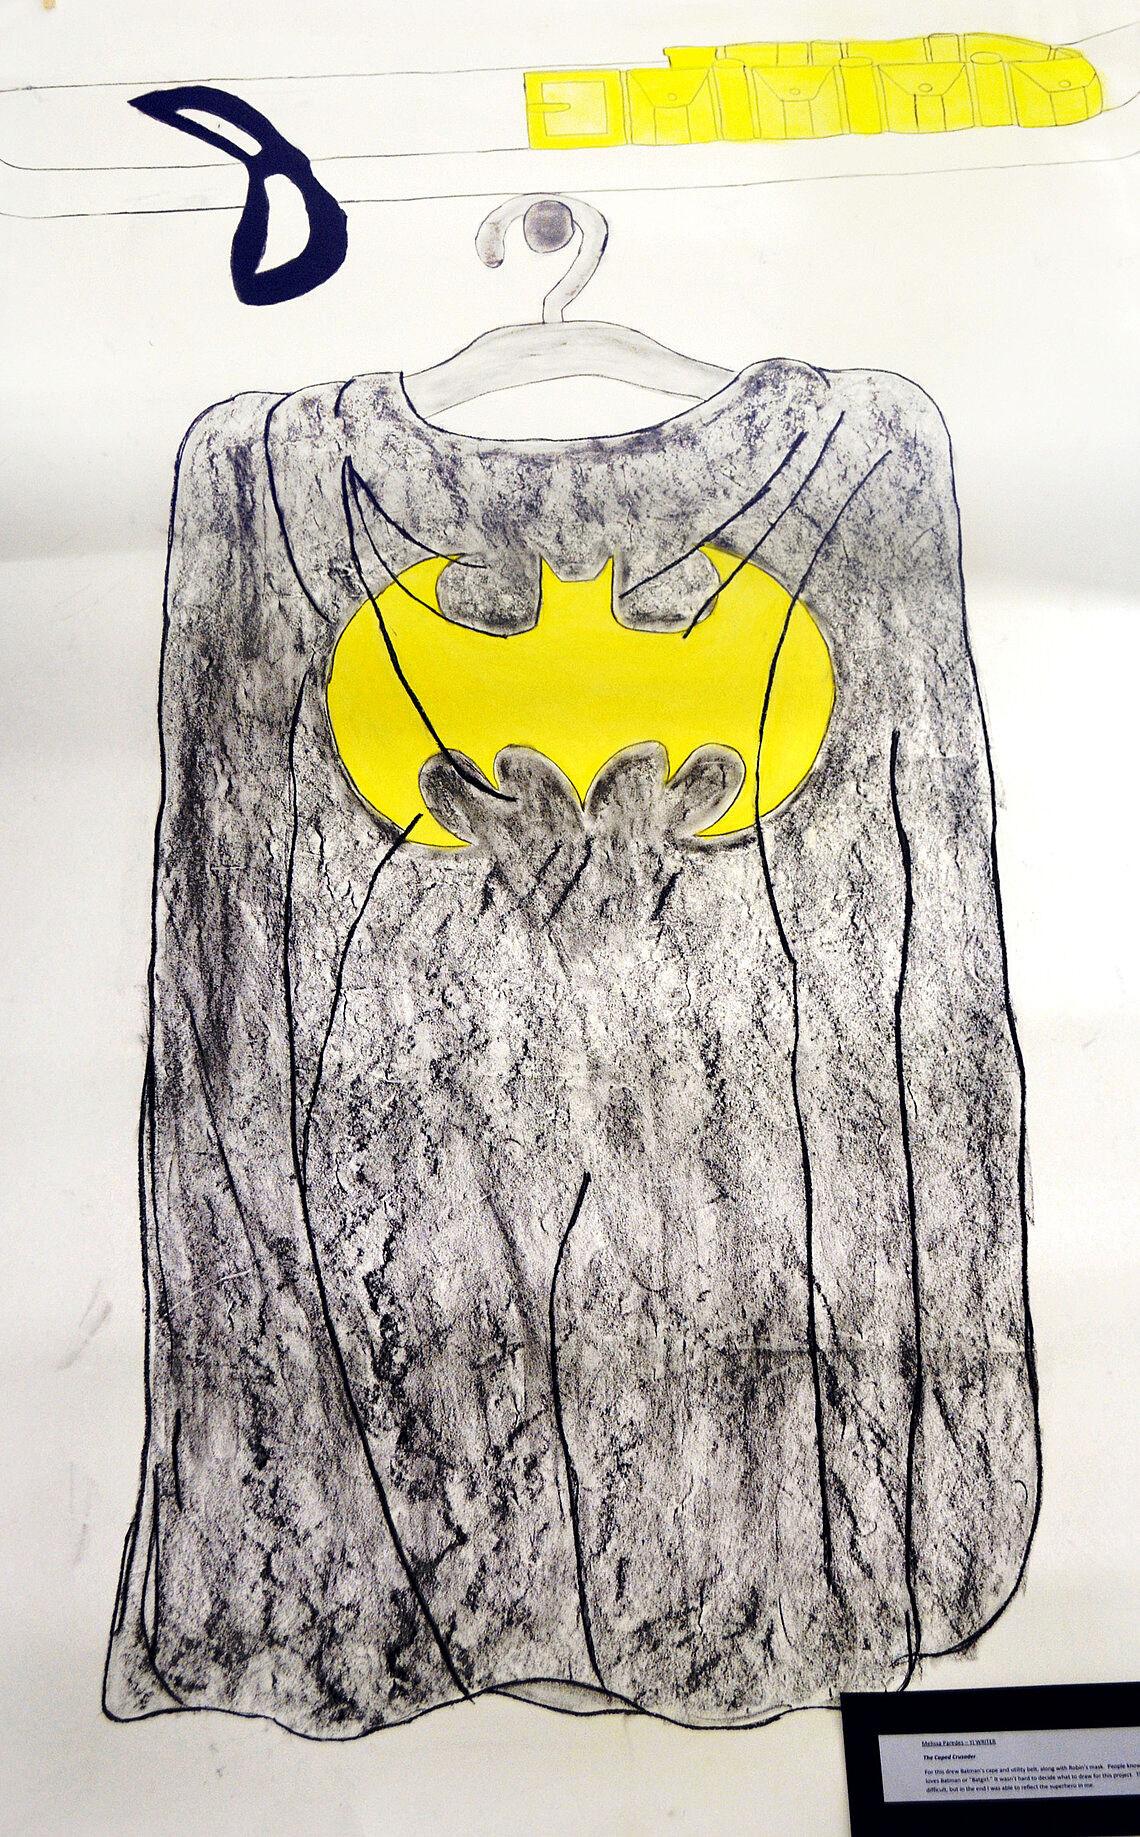 Drawing of a Batman costume.